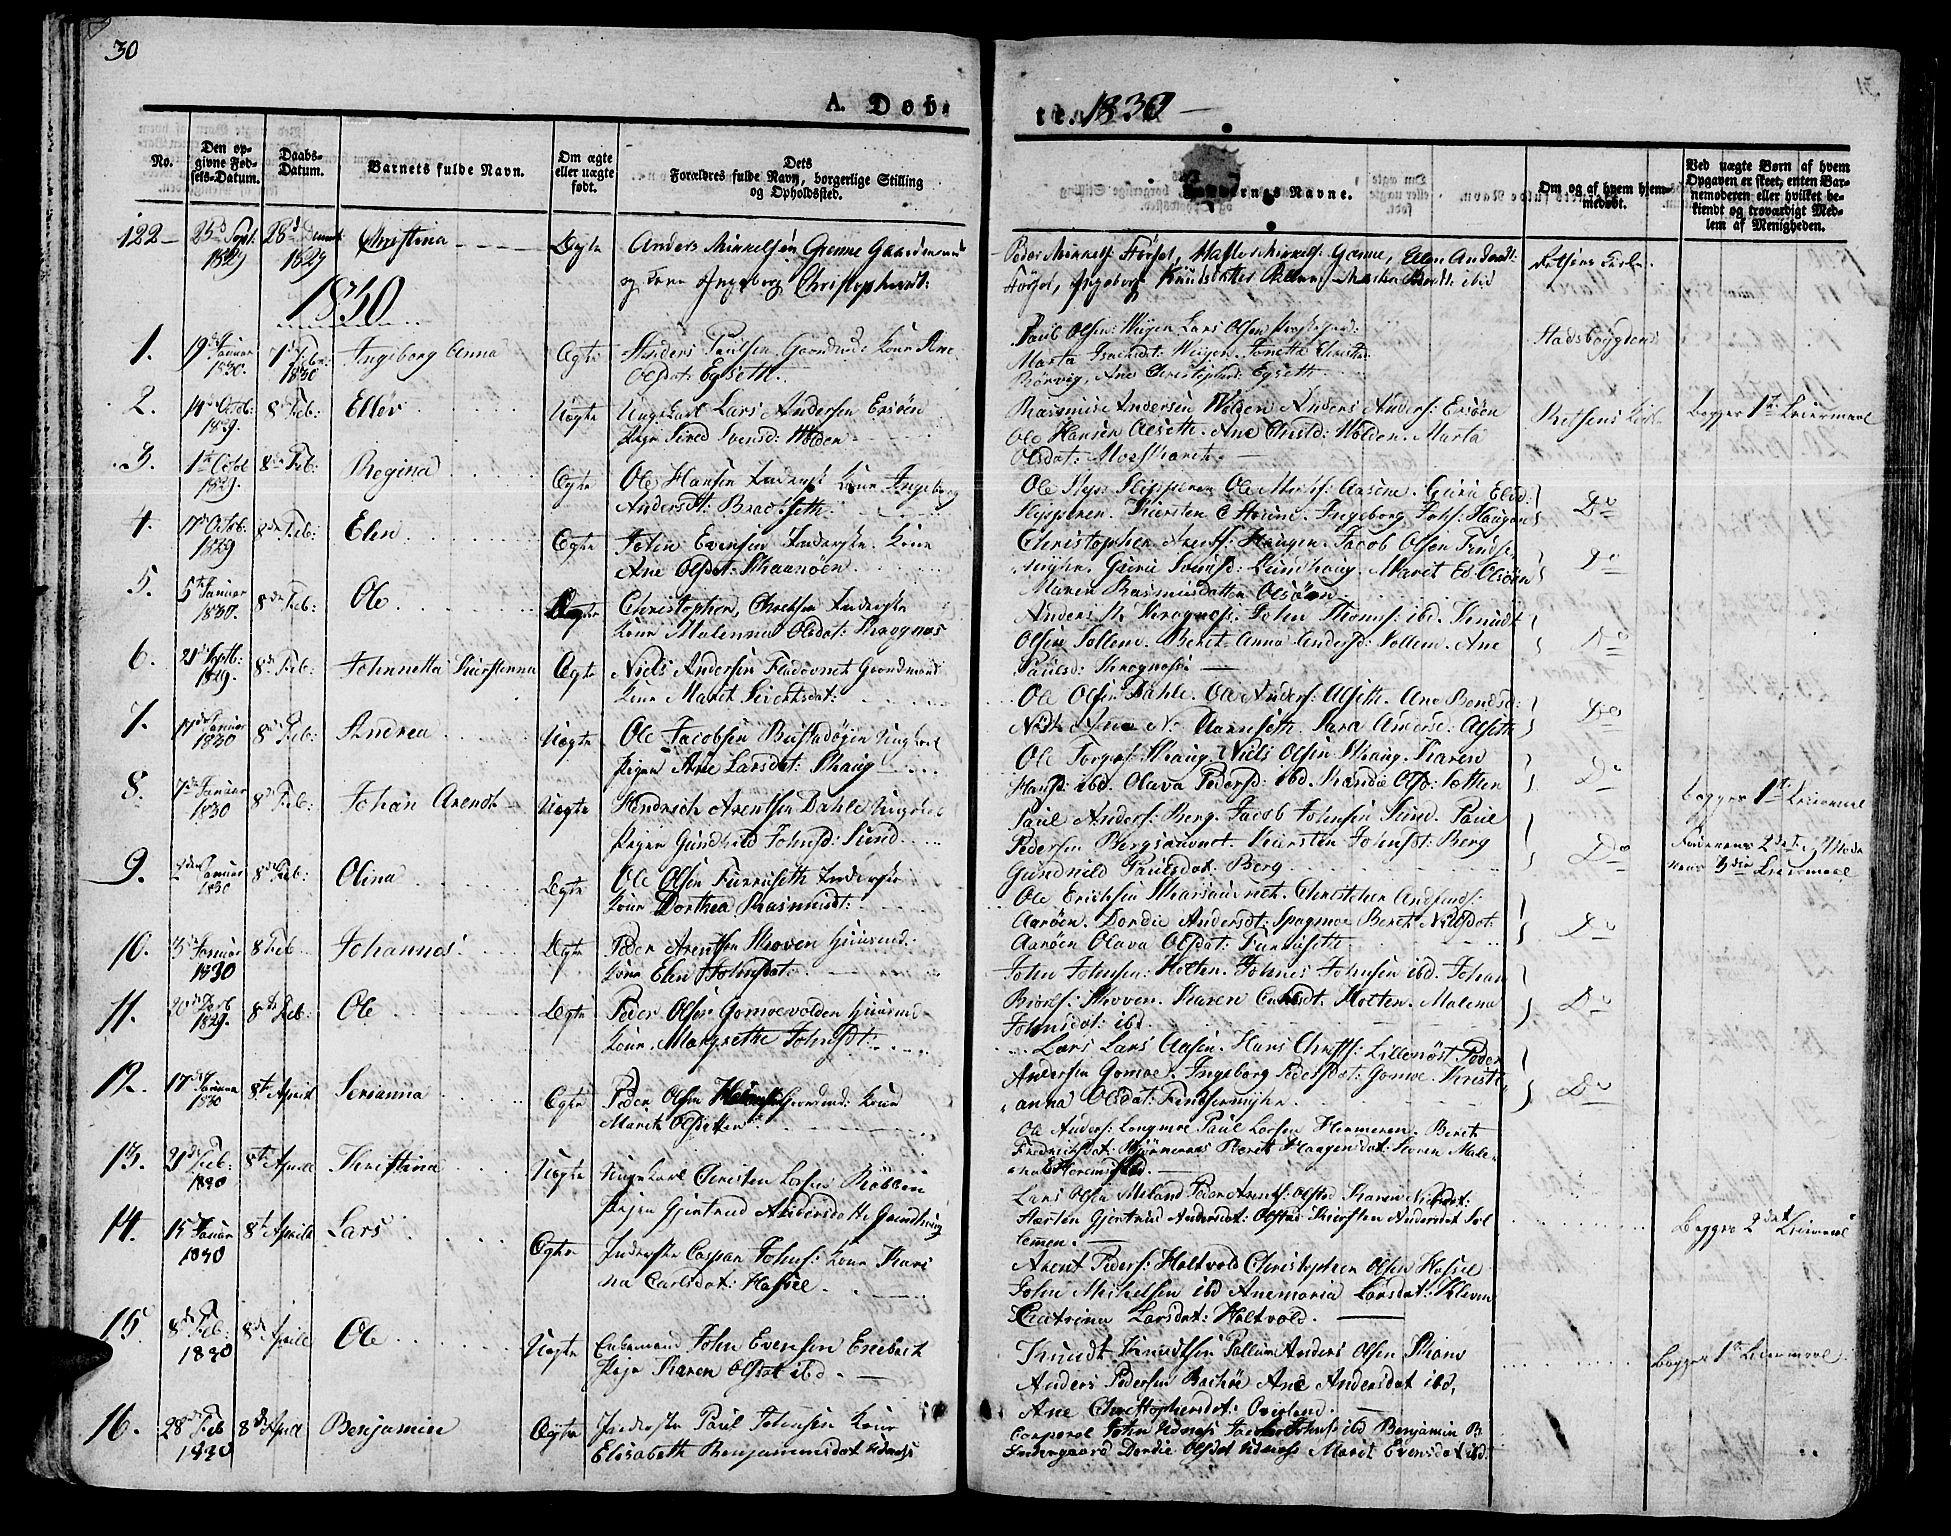 SAT, Ministerialprotokoller, klokkerbøker og fødselsregistre - Sør-Trøndelag, 646/L0609: Ministerialbok nr. 646A07, 1826-1838, s. 30